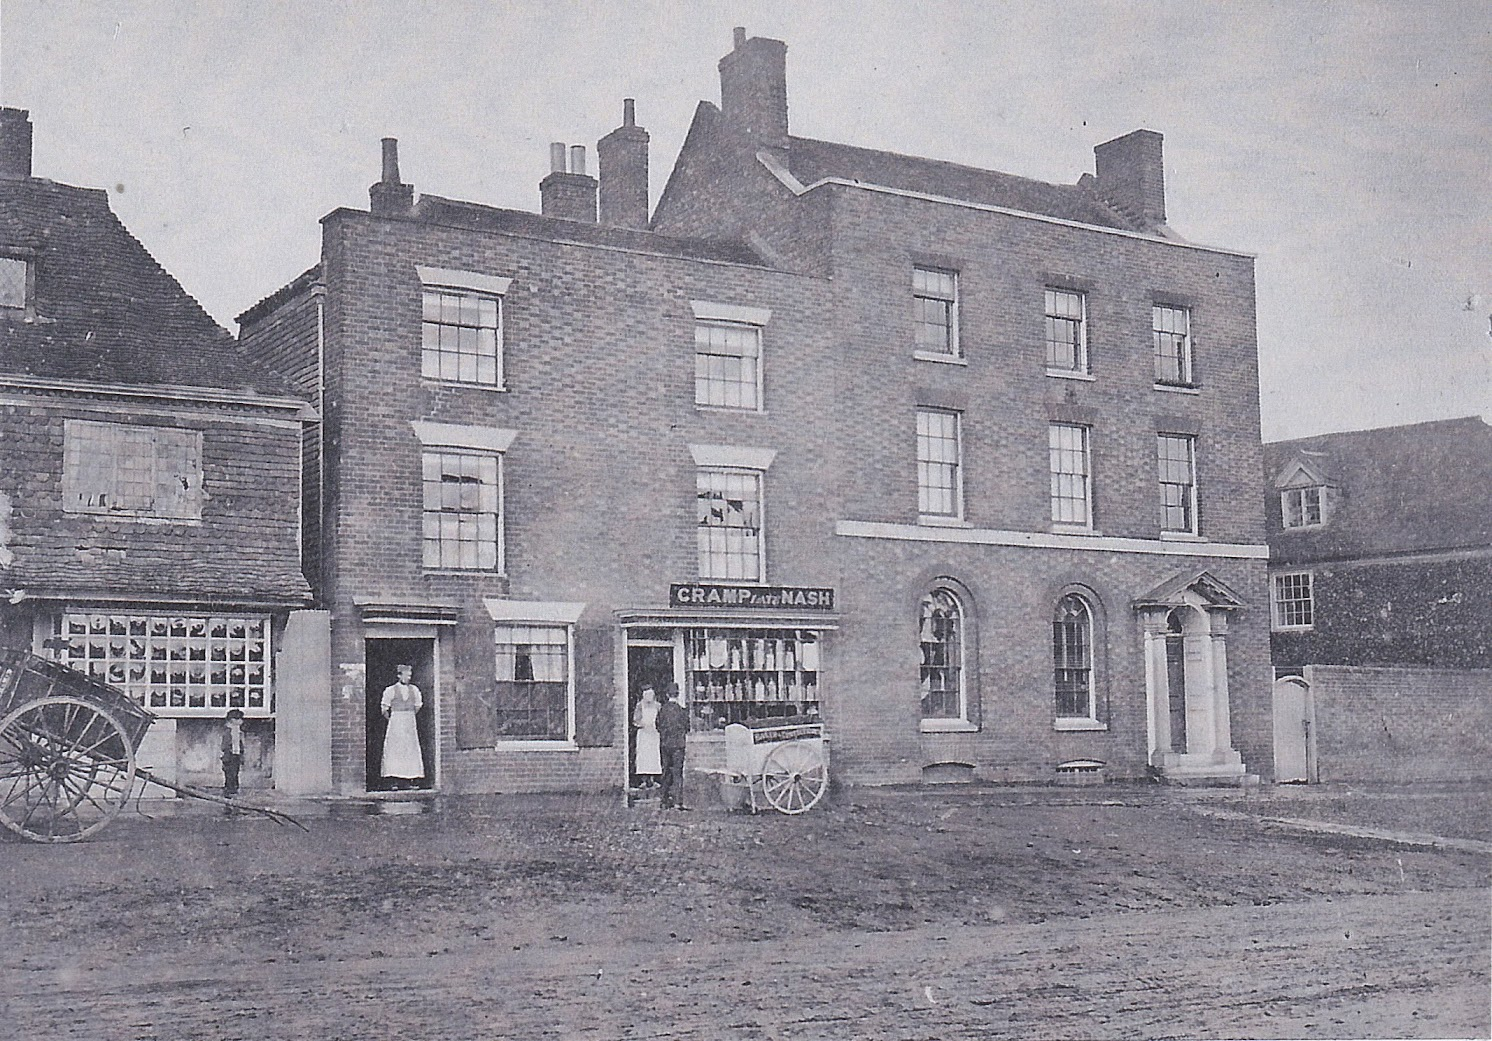 Lloyds Bank 6 High Street Tenterden in about 1900